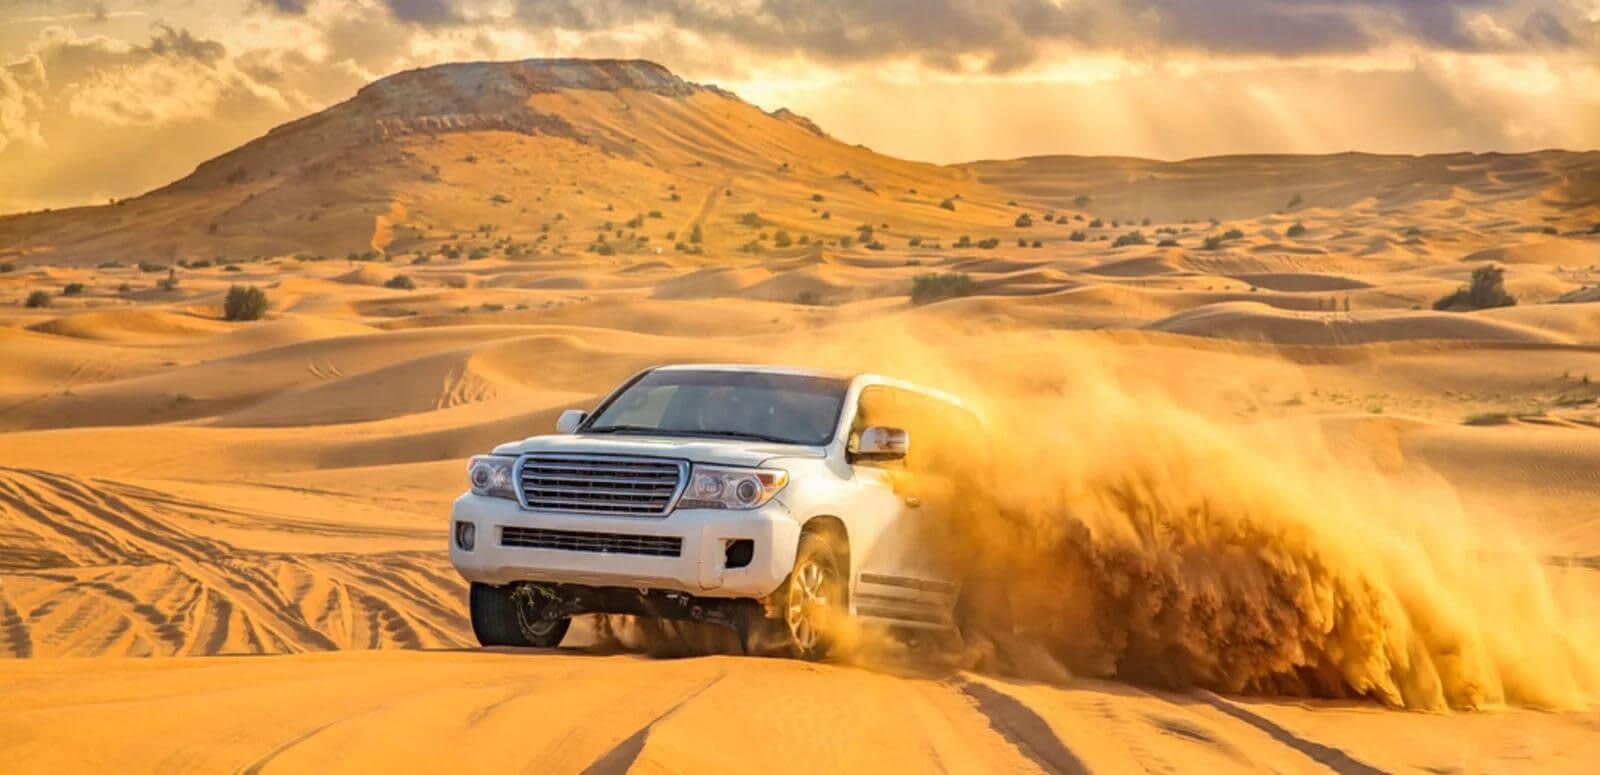 Desert Wonder (Desert Safari)